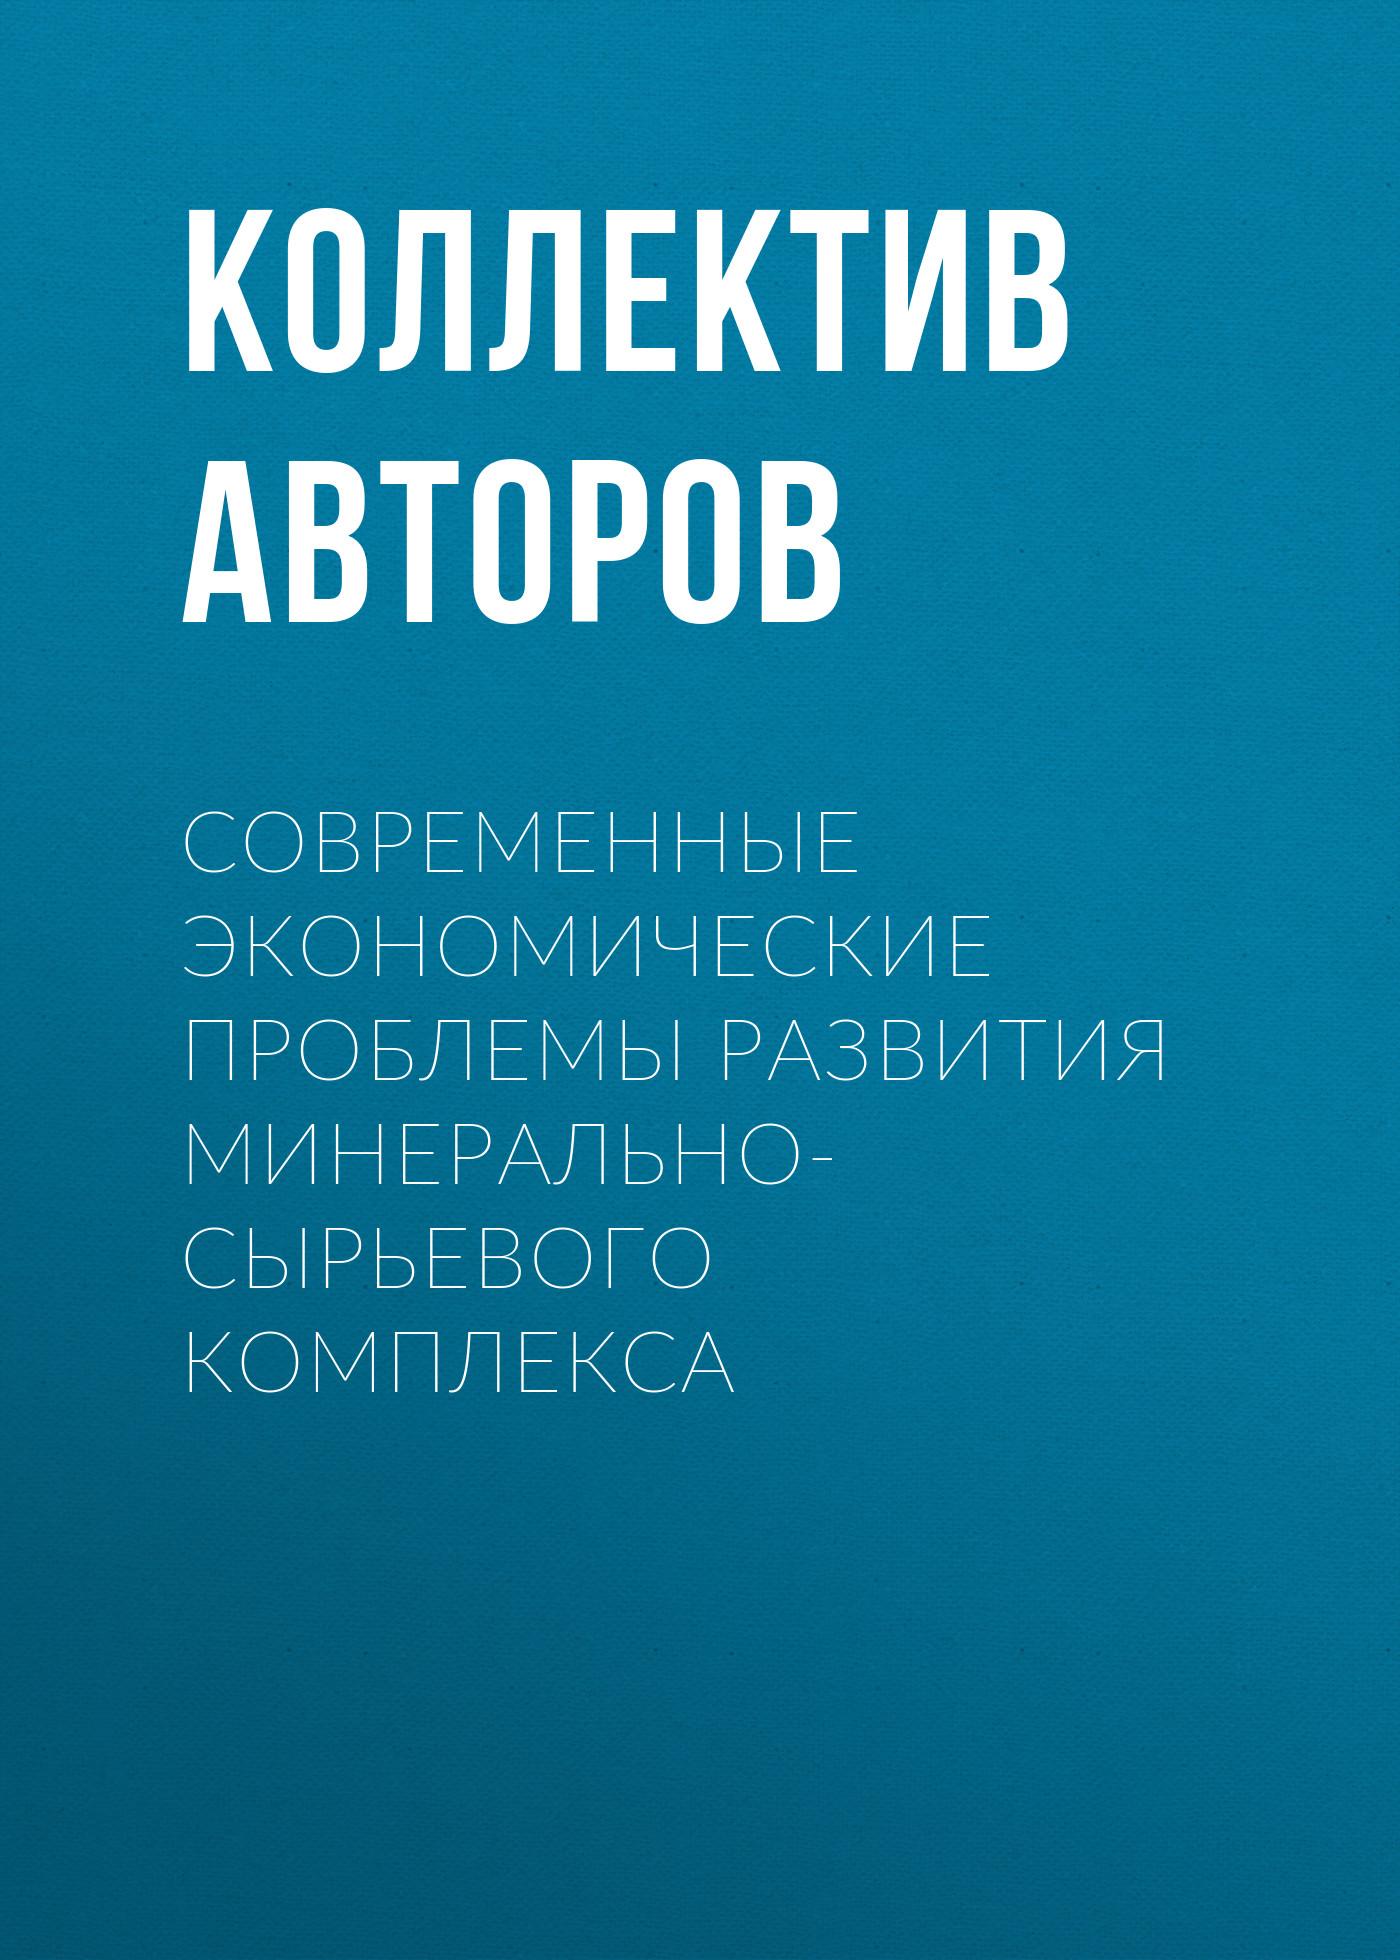 Коллектив авторов Современные экономические проблемы развития минерально-сырьевого комплекса